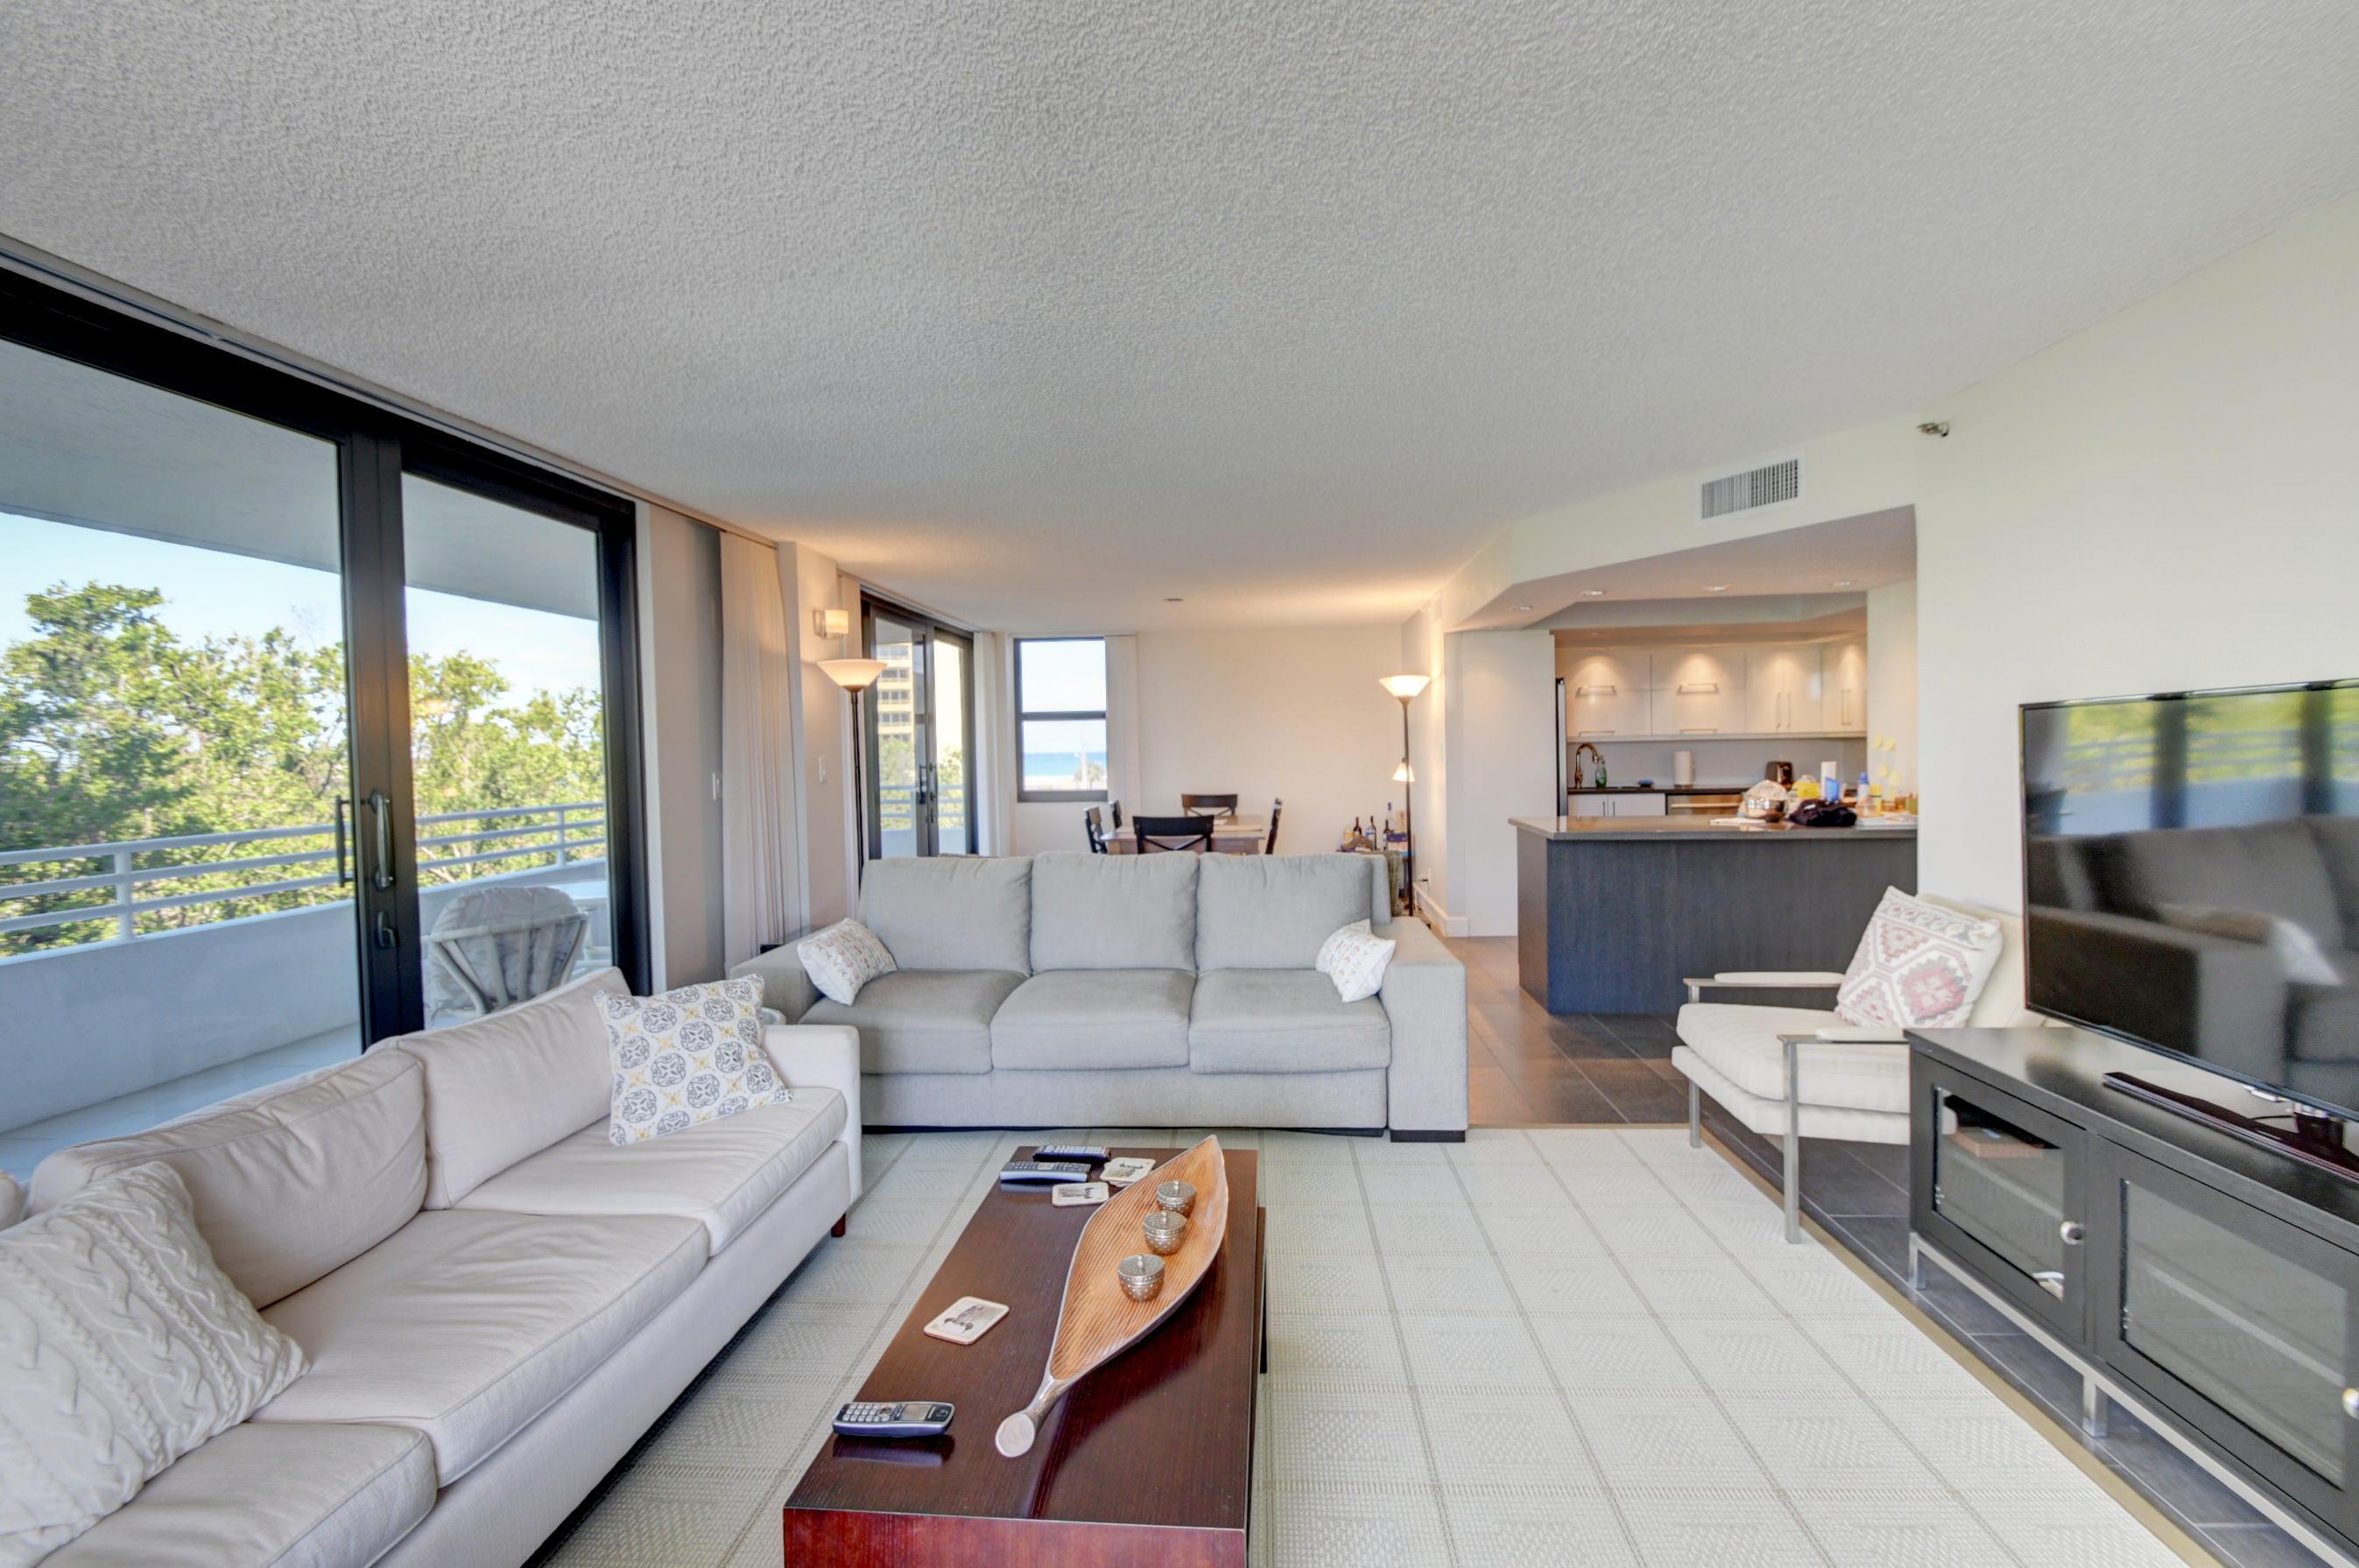 3450 Ocean Boulevard, Highland Beach, Florida 33487, 3 Bedrooms Bedrooms, ,2 BathroomsBathrooms,Condo/Coop,For Sale,Ocean,4,RX-10408713